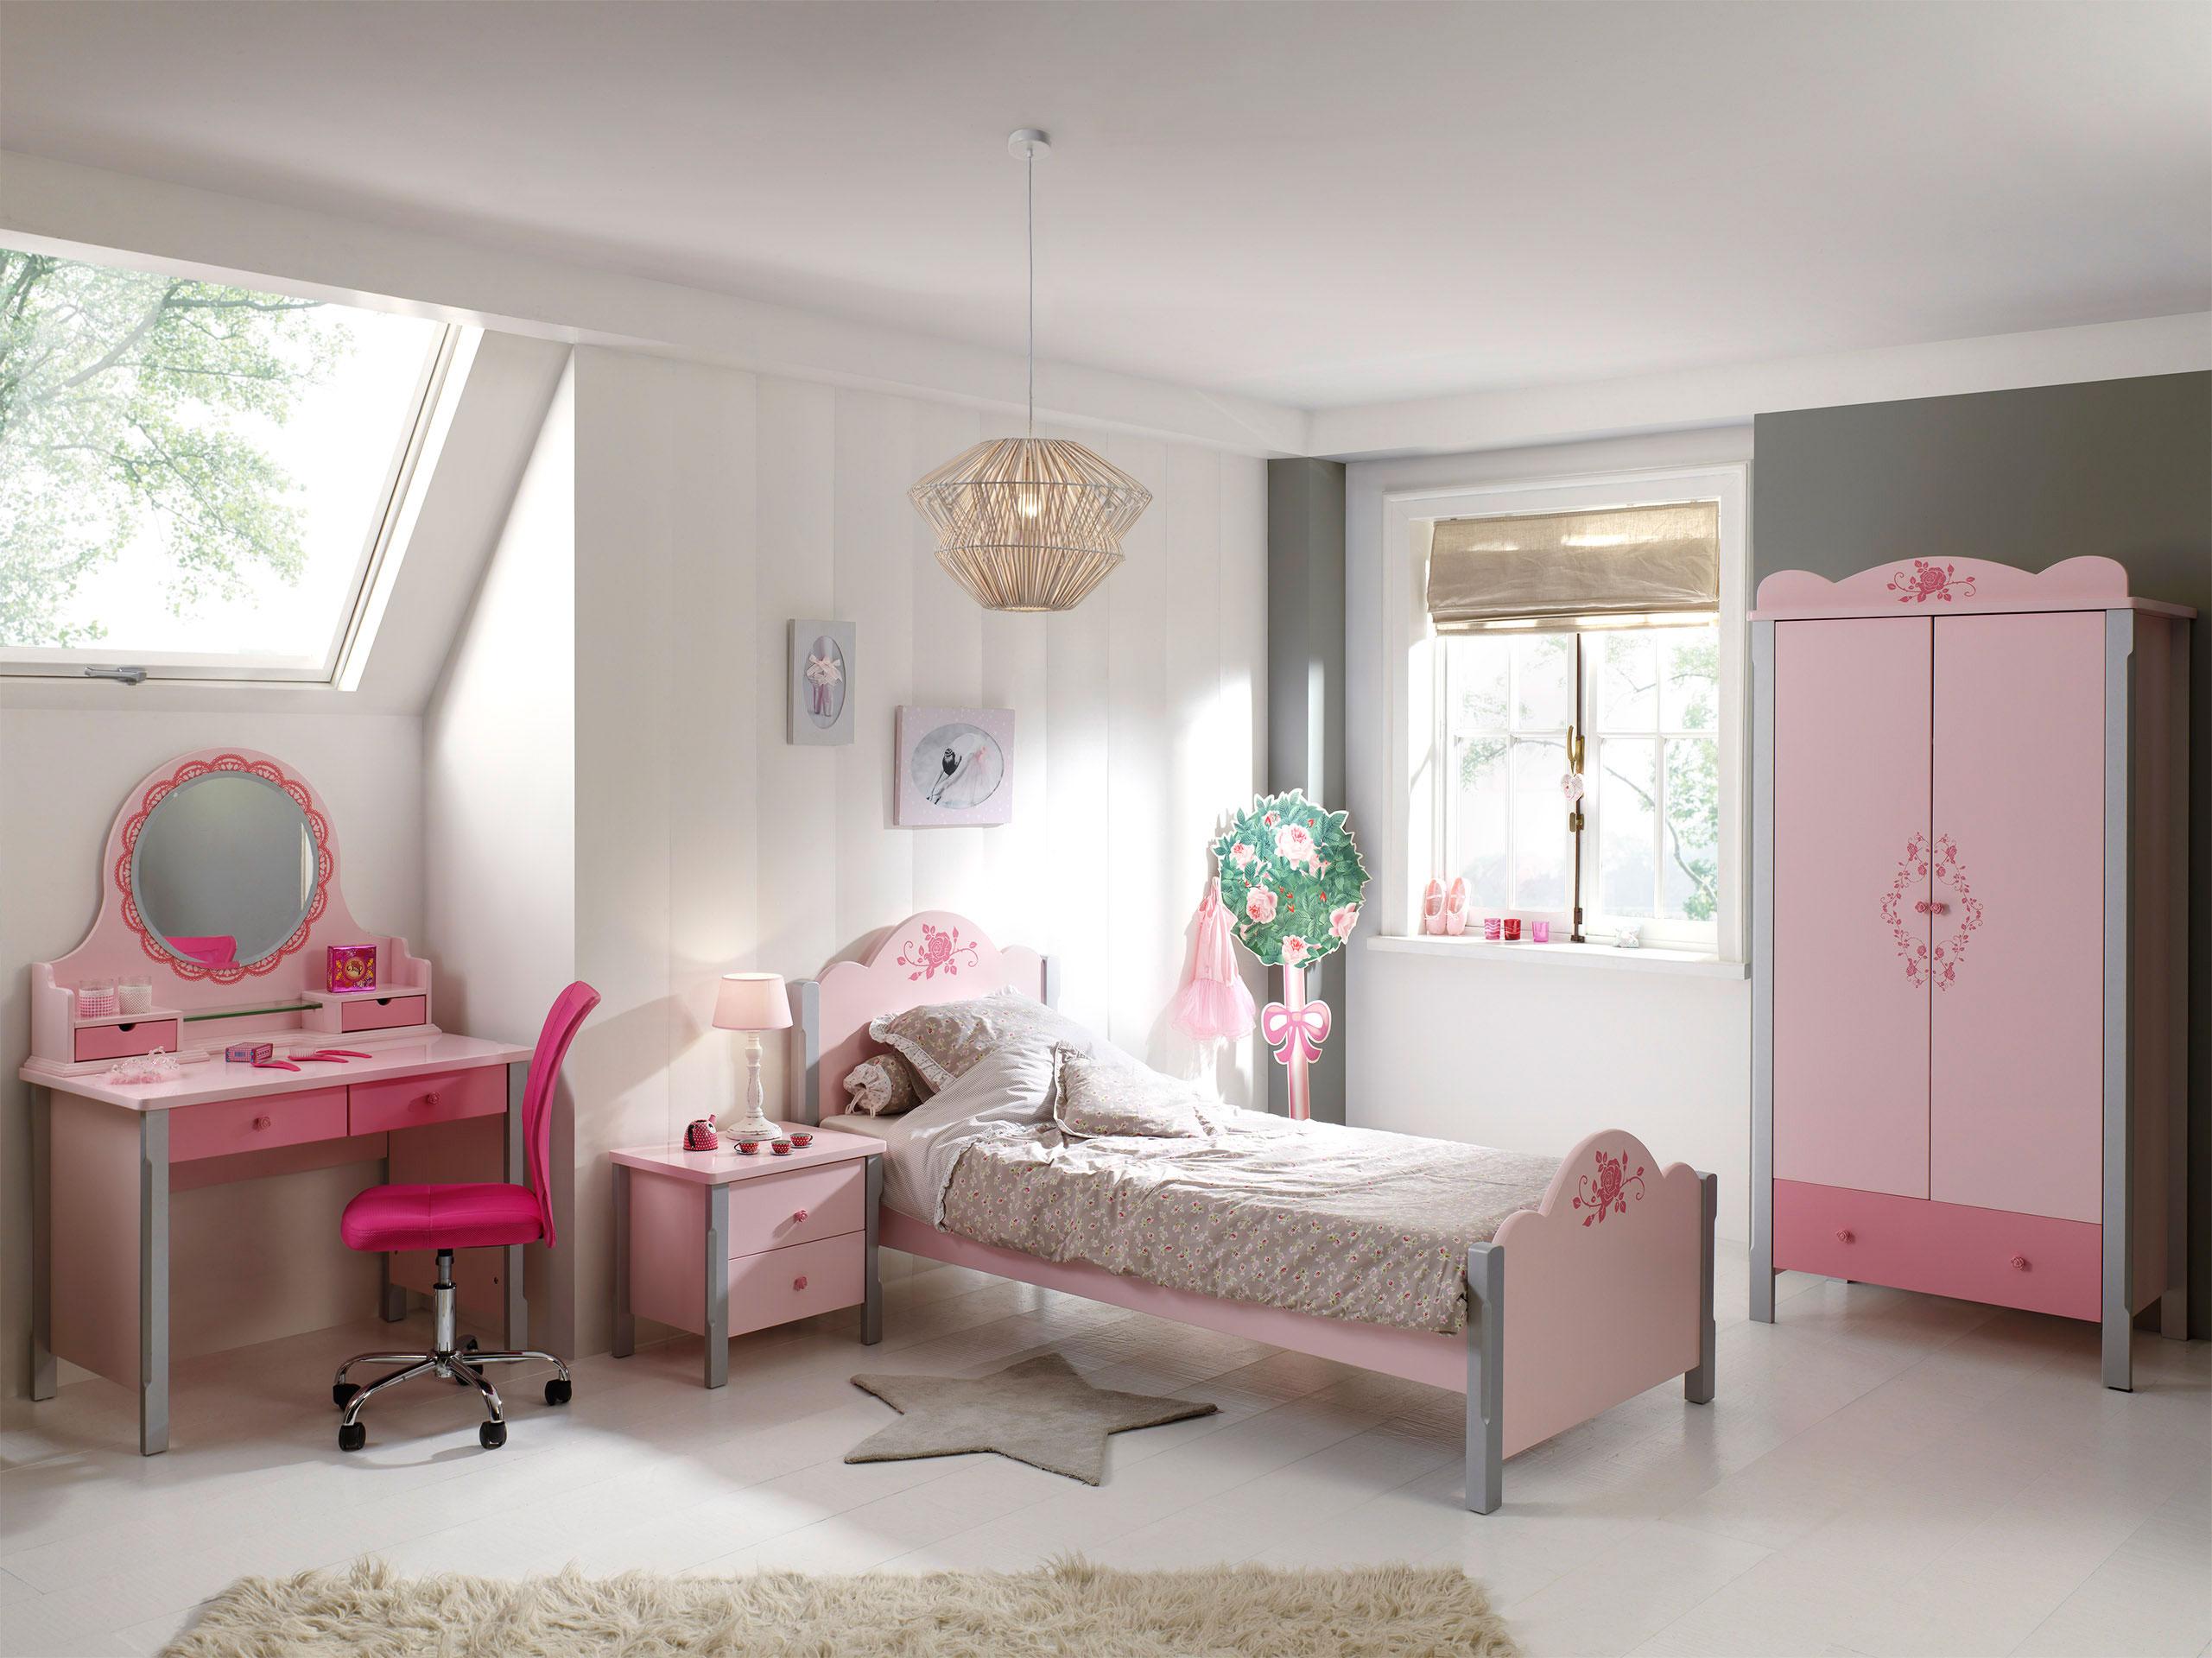 Chambre enfant contemporaine coloris rose Mindy | Matelpro